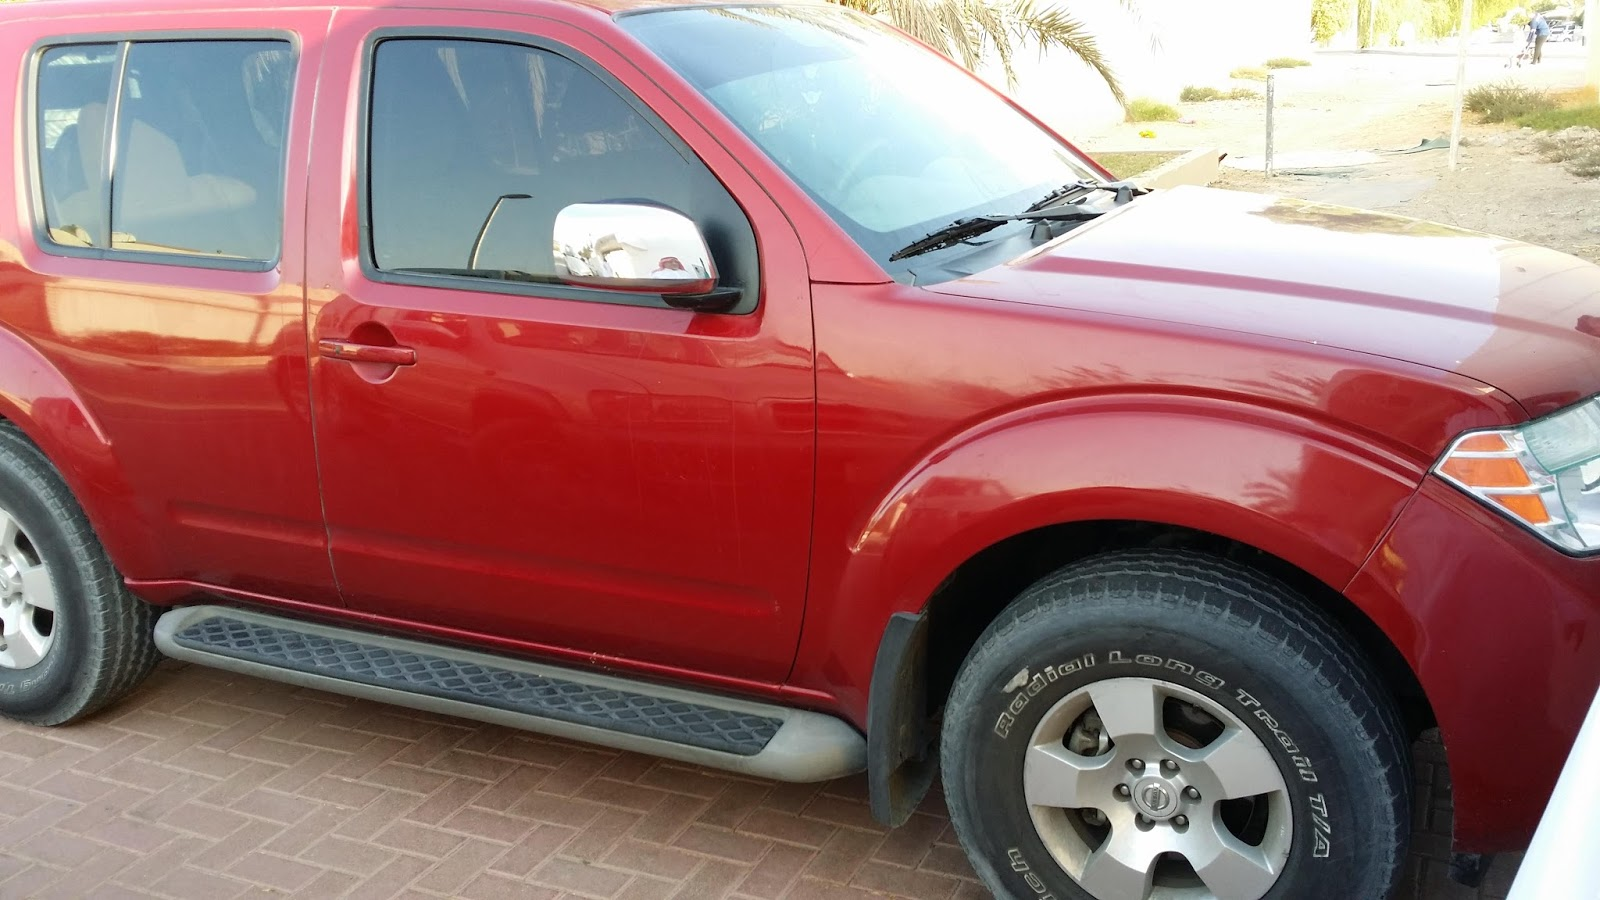 ����� ������� 2012 ����� / Nissan Pathfinder 2012 for sale